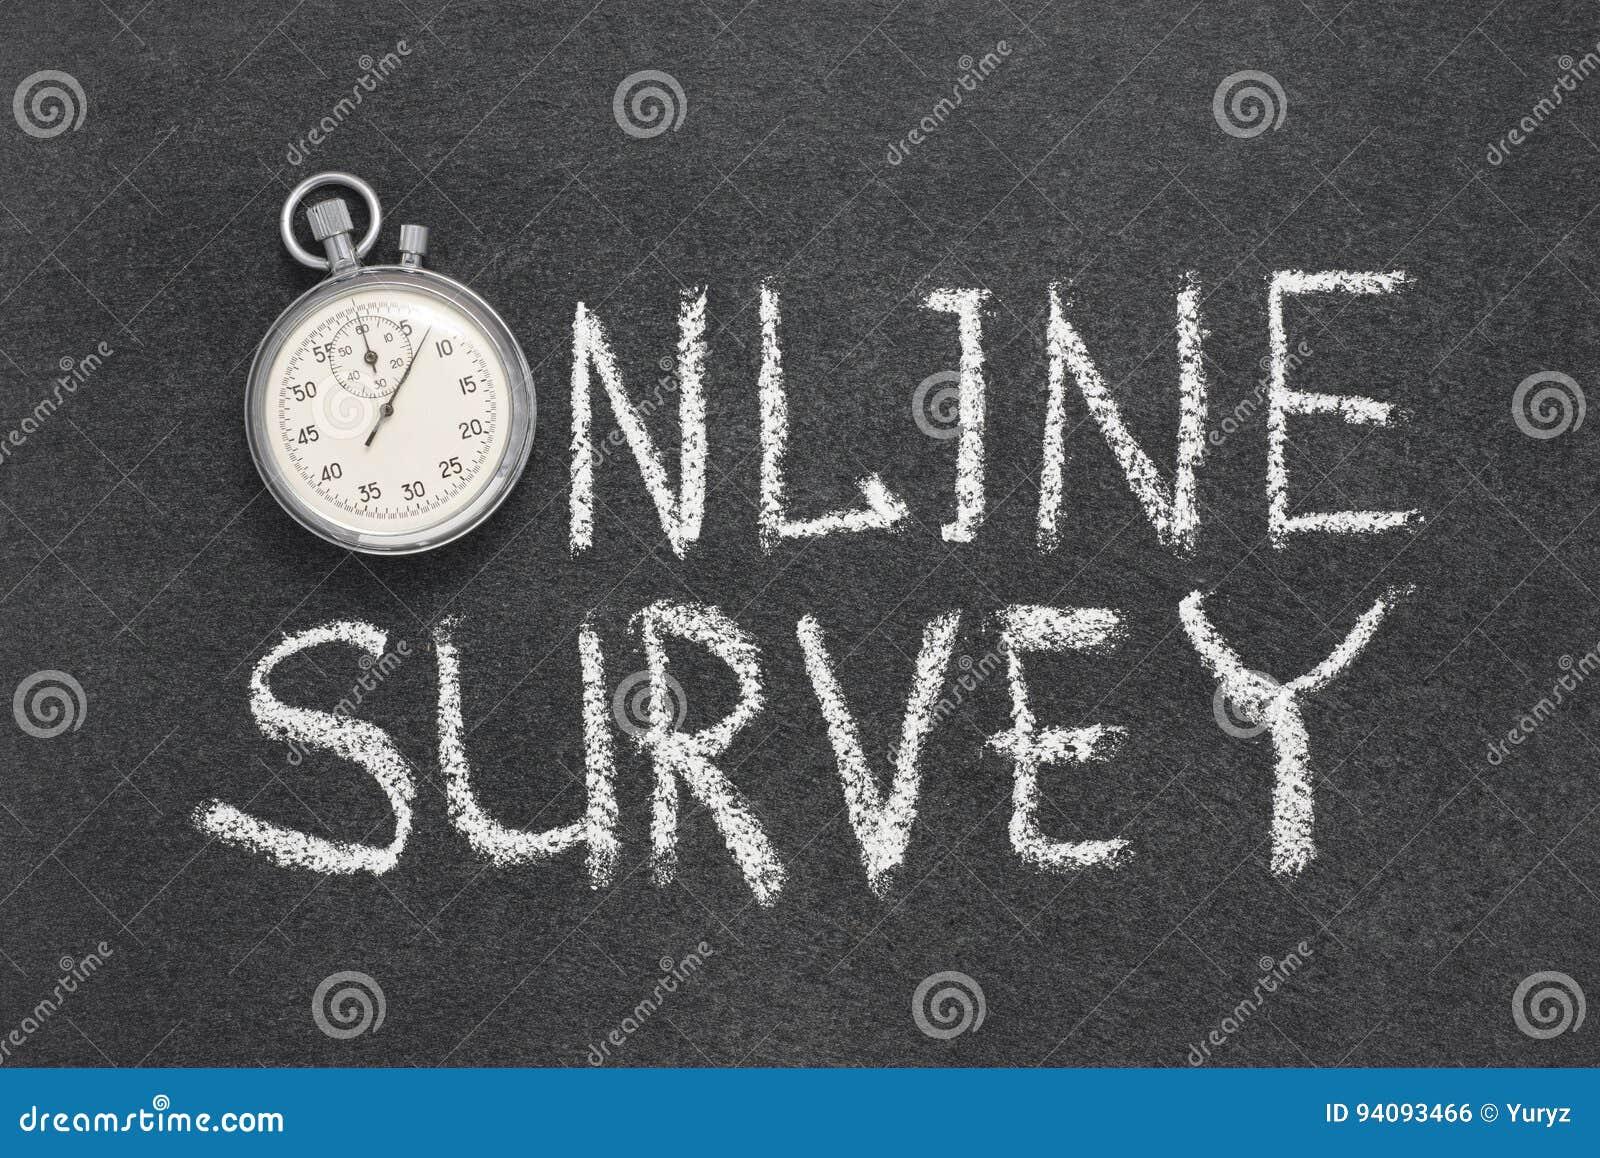 Online survey watch